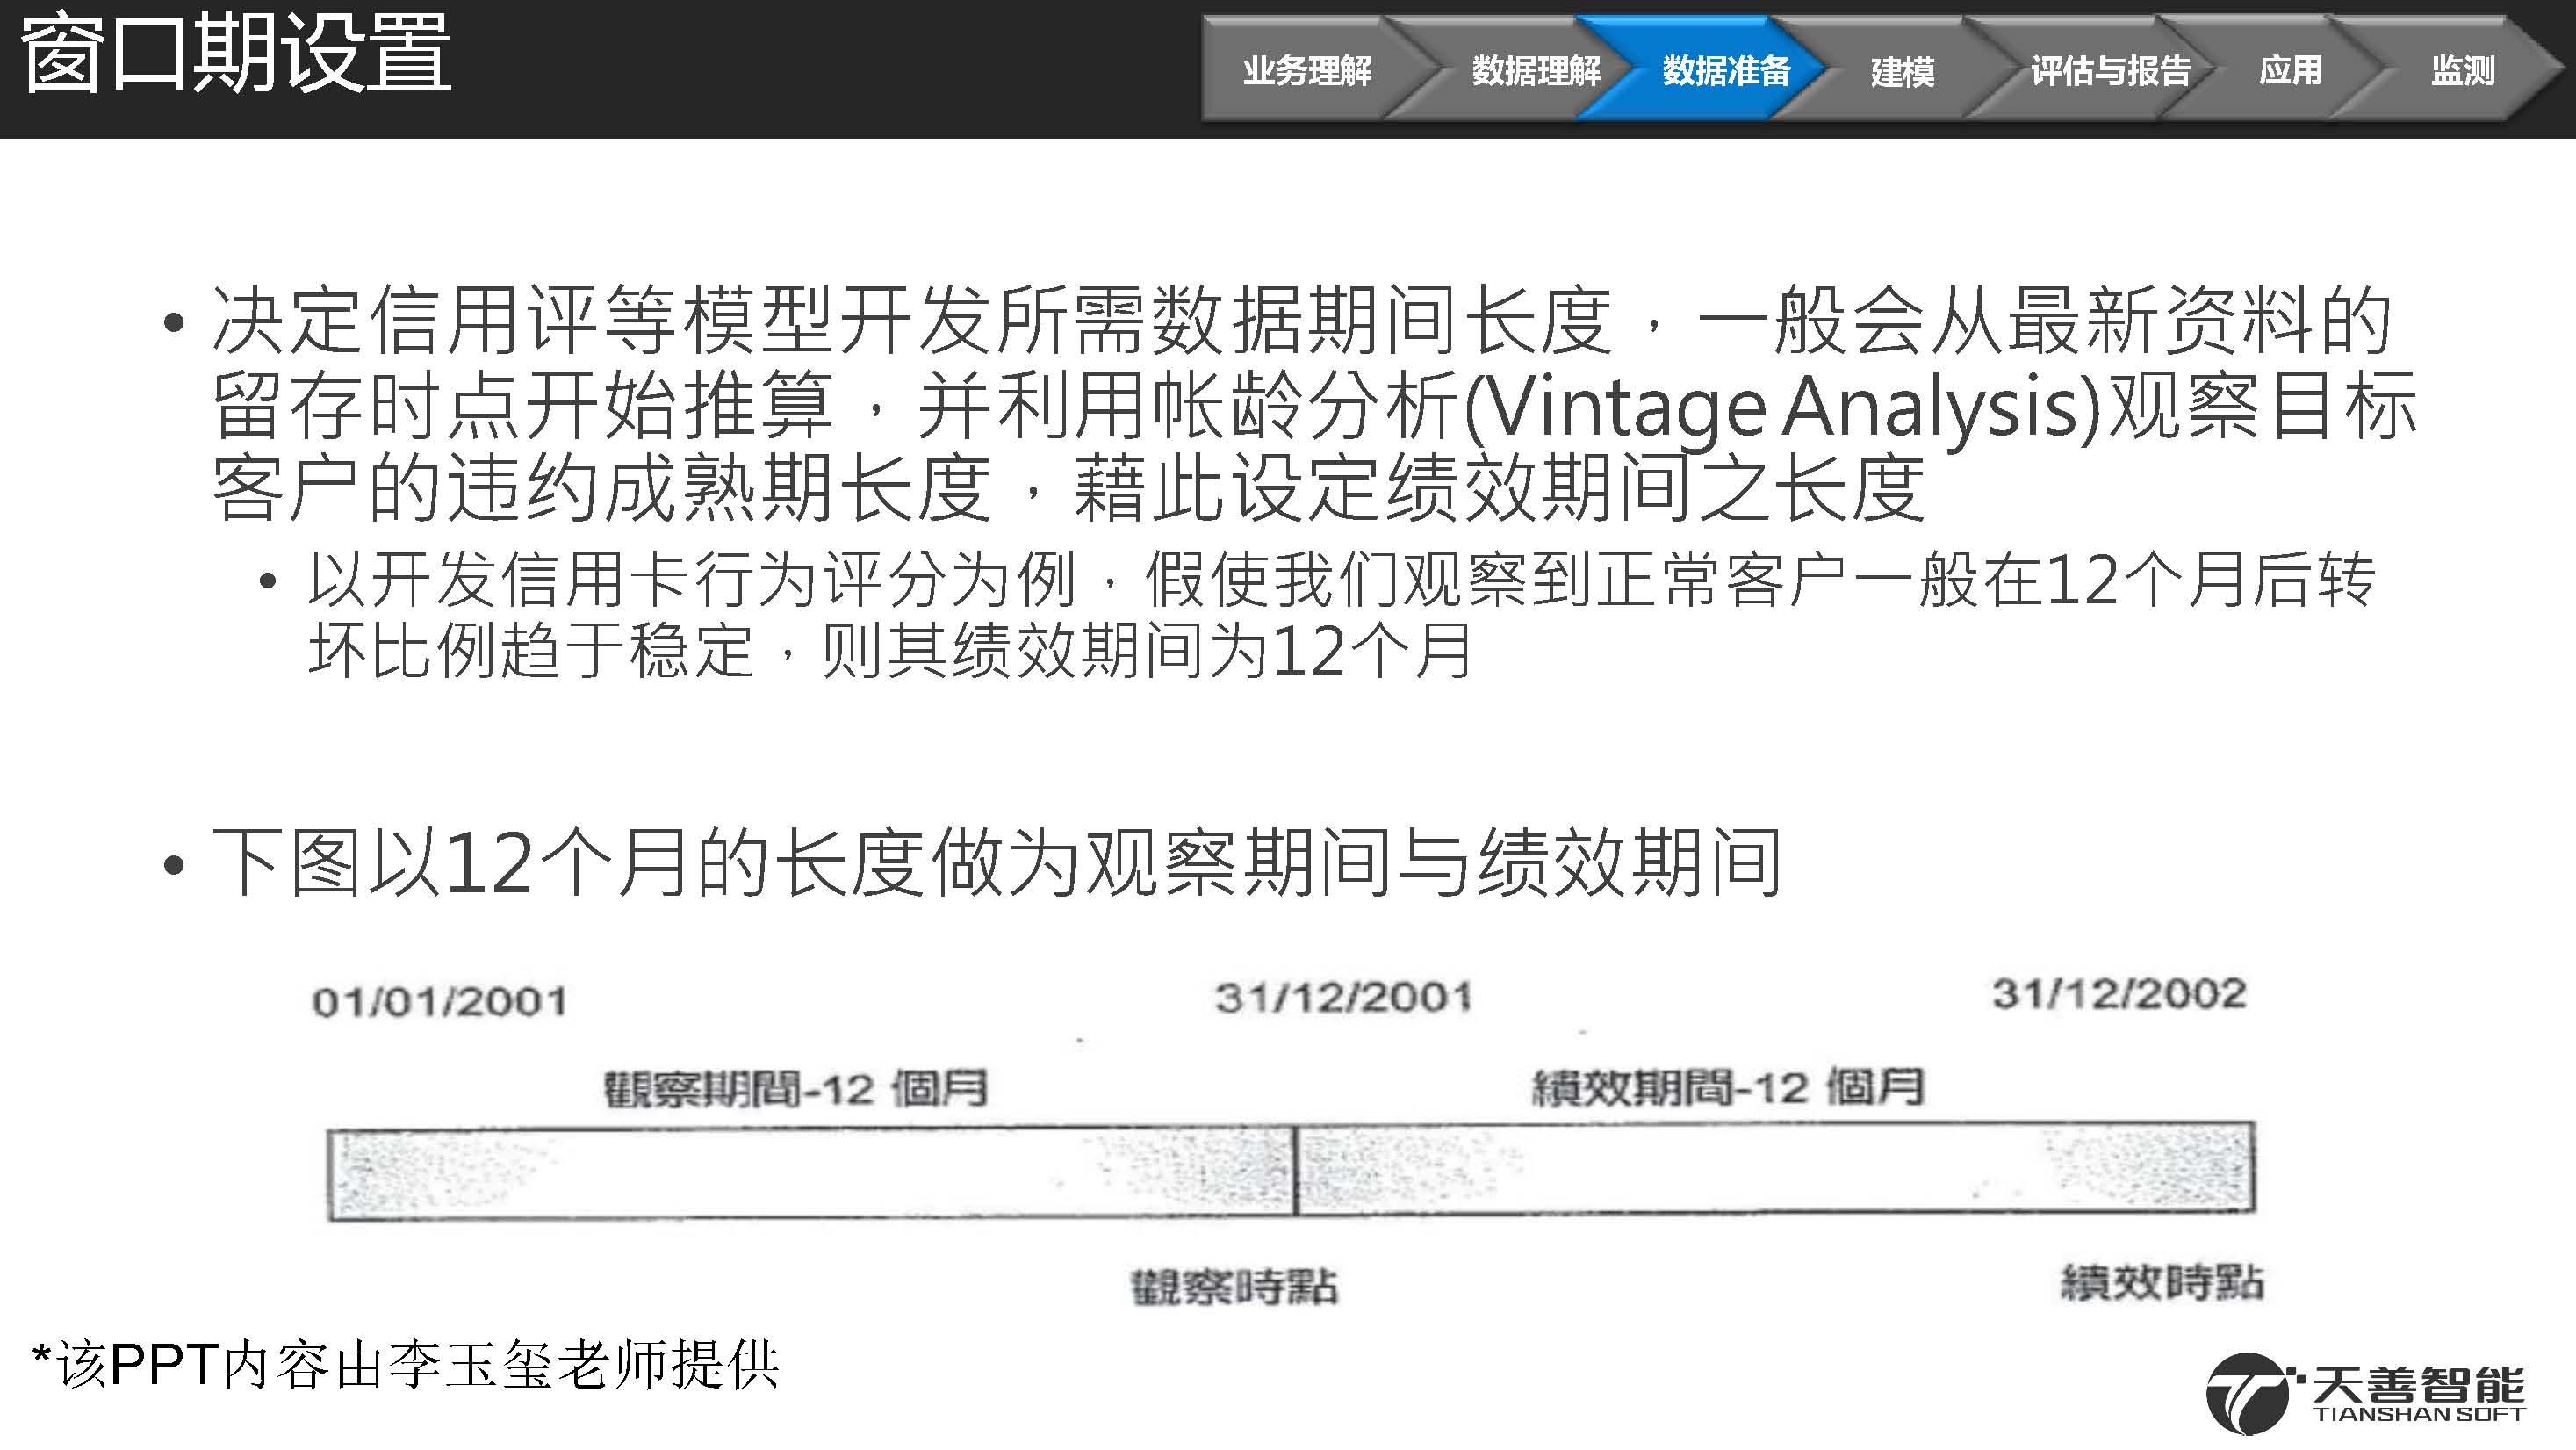 2汽车金融信用违约预测模型案例_页面_13.jpg